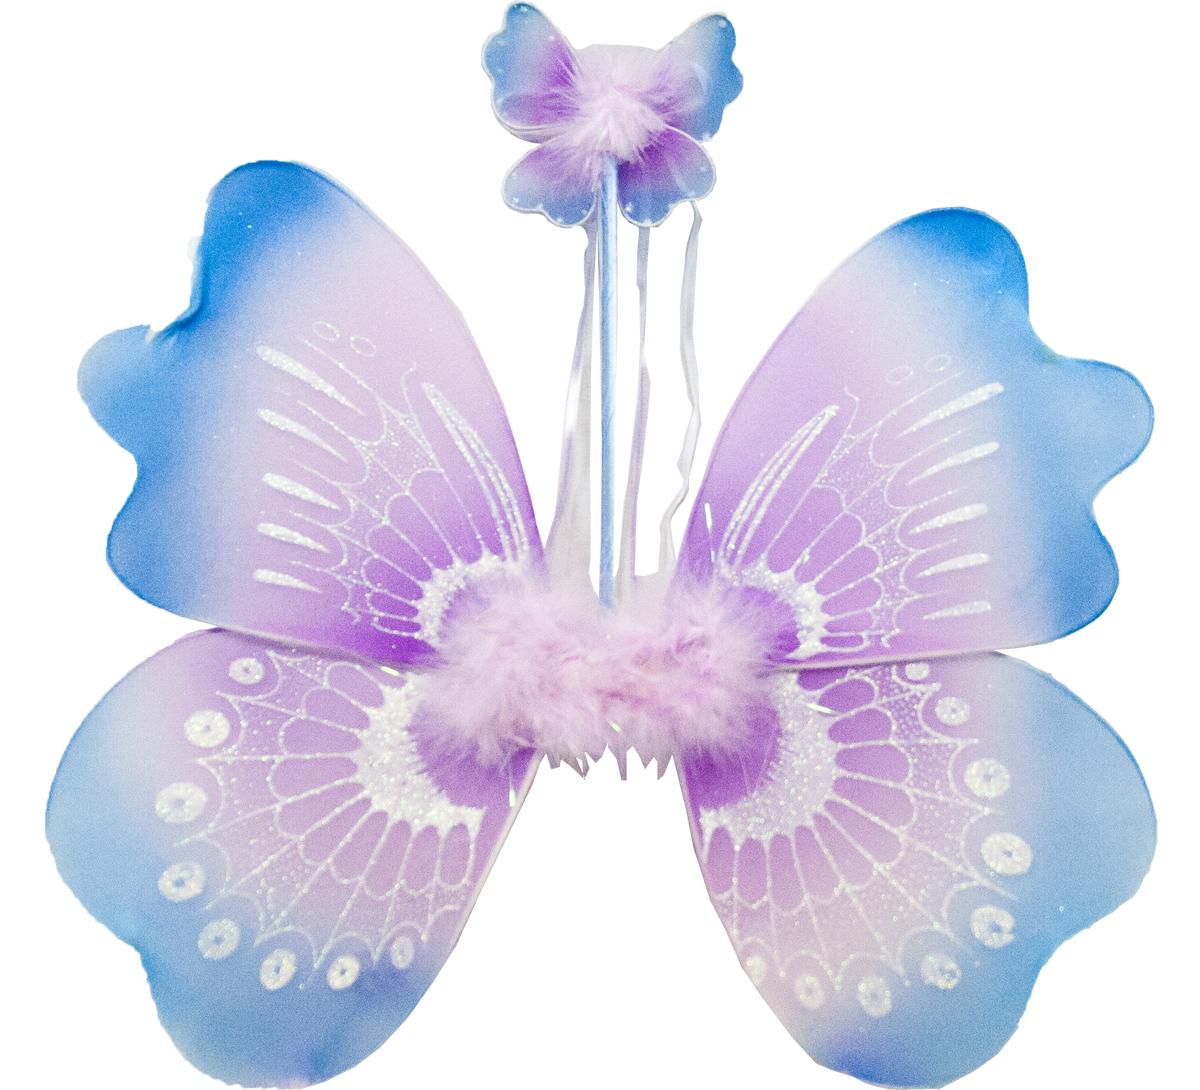 Карнавальный набор Lovemark Бабочка, 3 предмета294Карнавальный набор Бабочка (крылья бабочки, волшебная палочка, украш. на голову) Lovemark